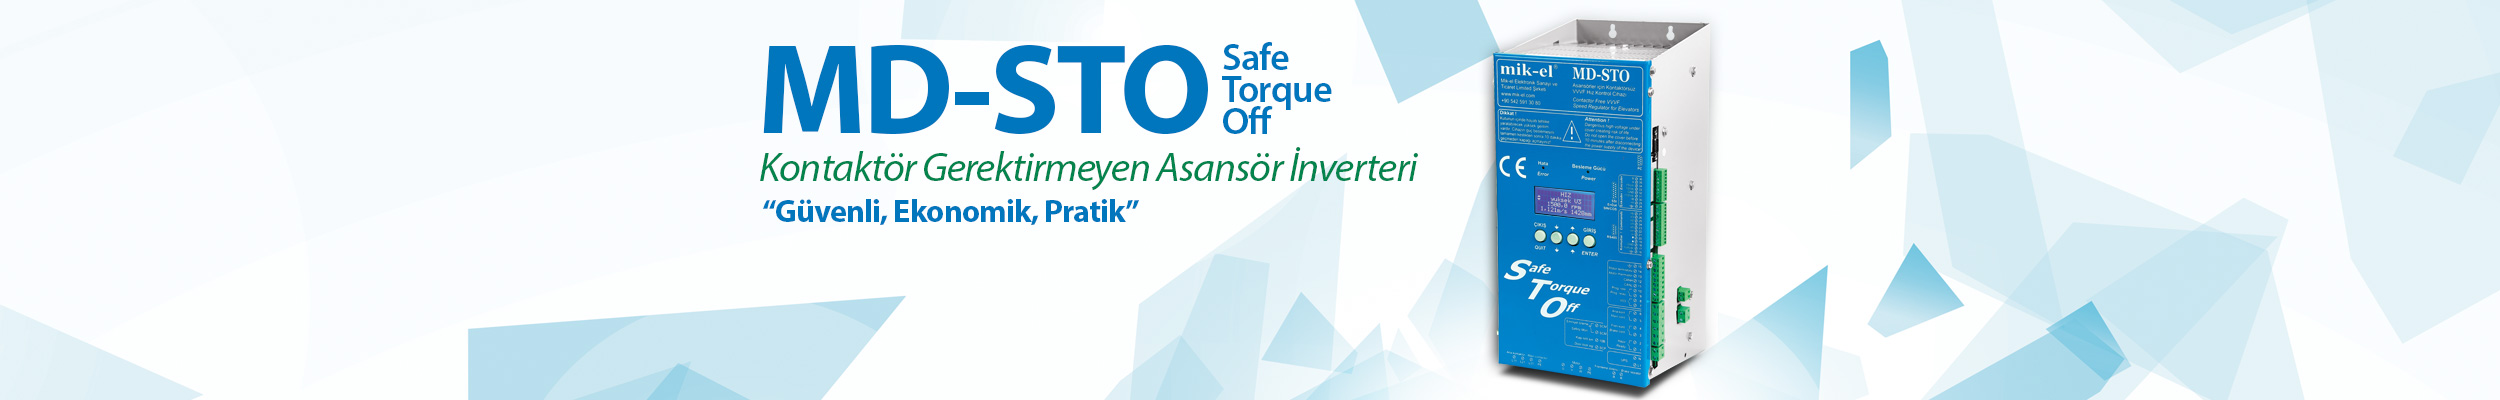 MD-STO (Safe Torque Off) Satışa Çıkıyor